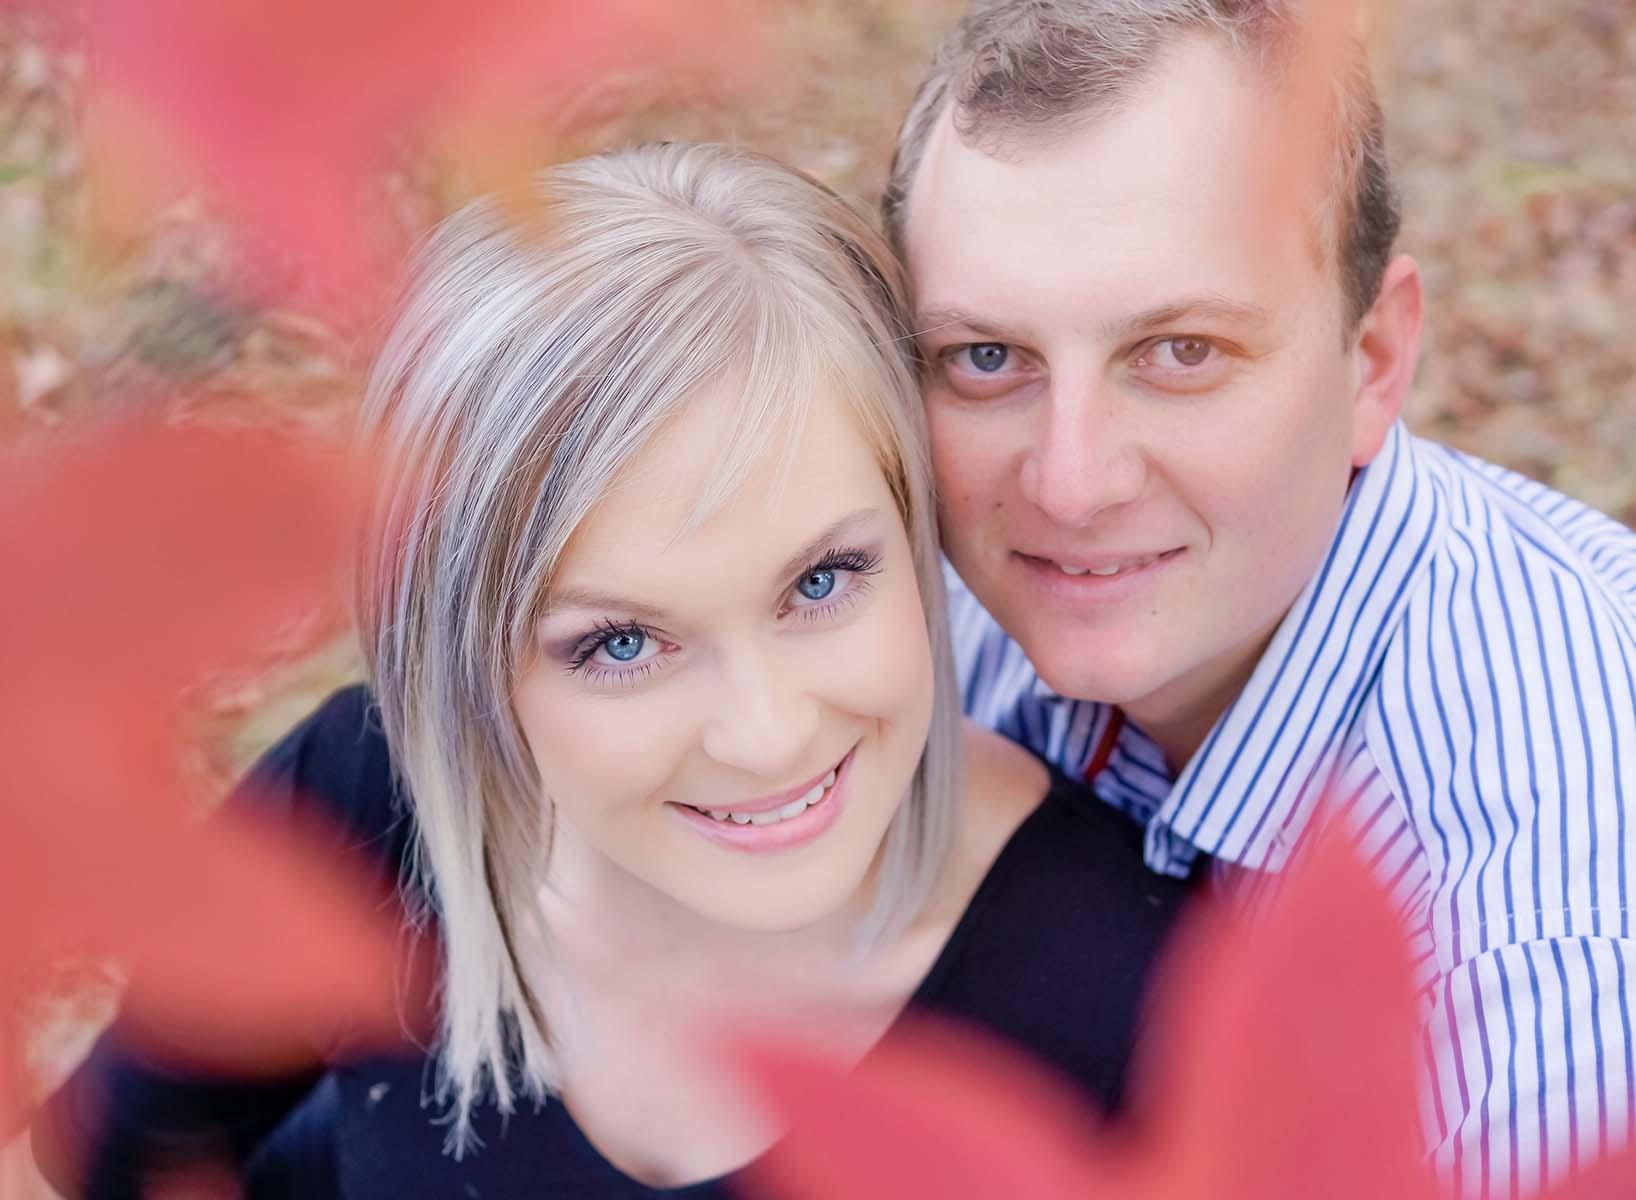 carminda-swanepoel-couples-3